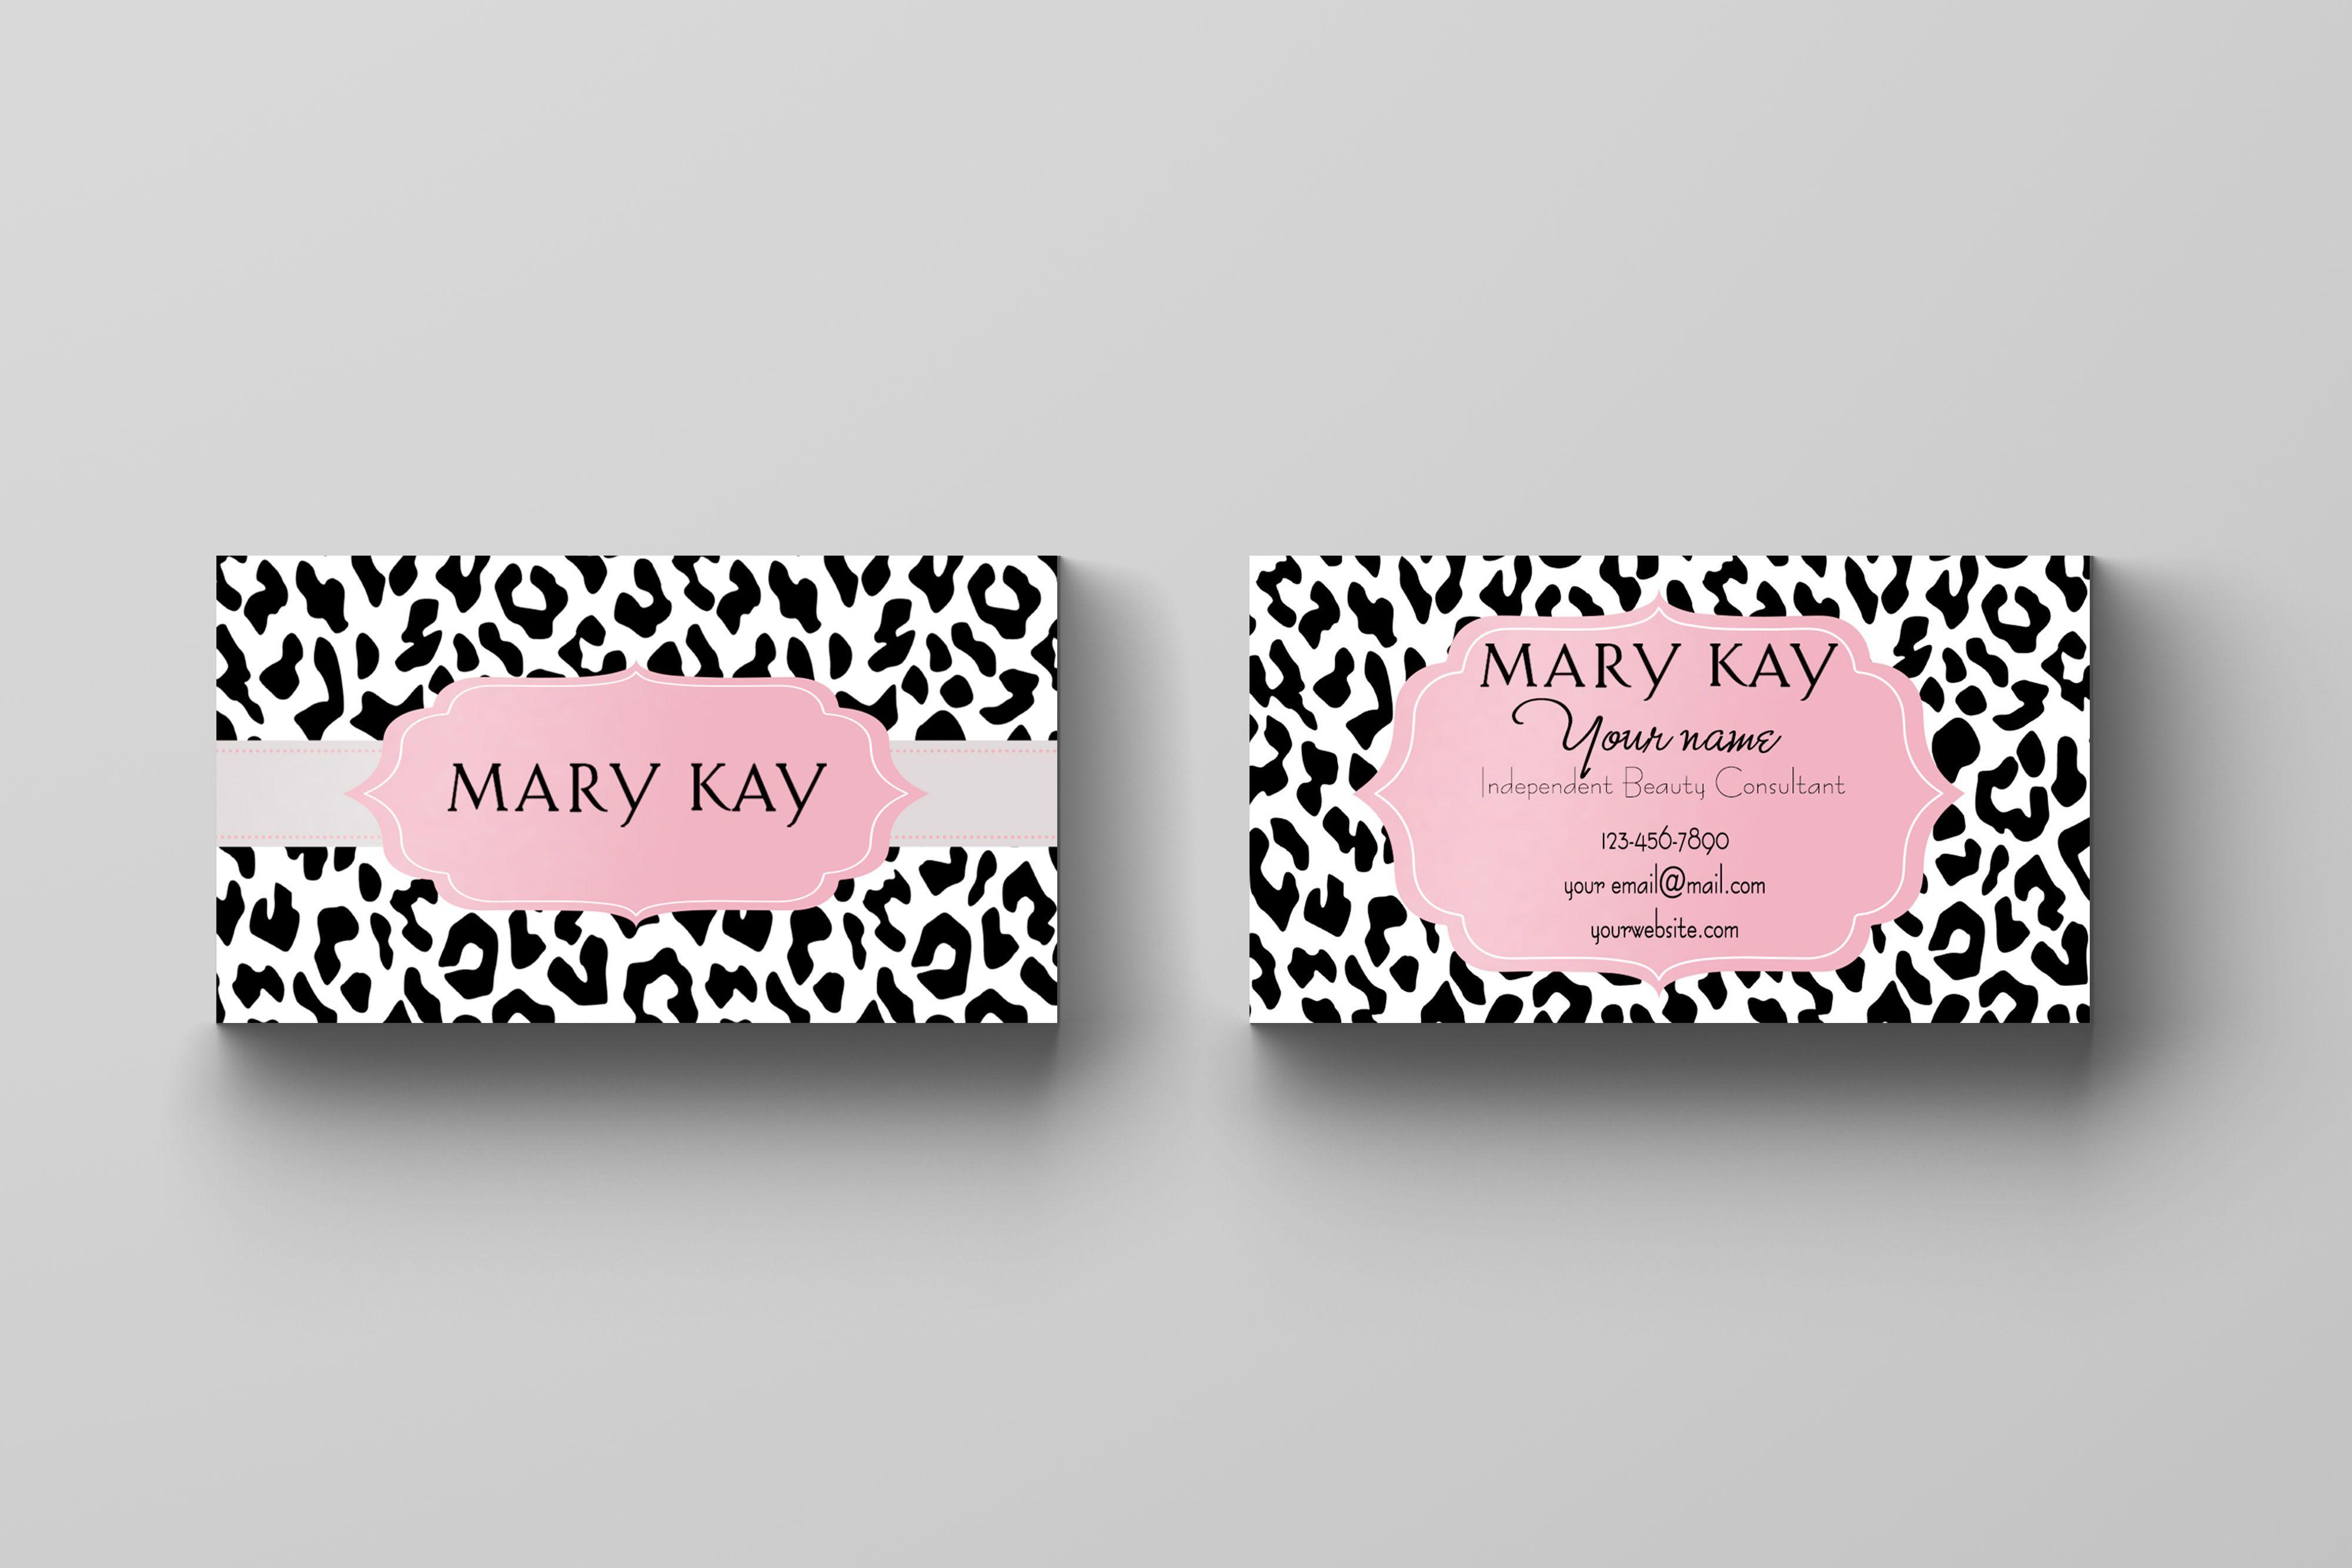 Mary Kay Business Card - Animal Print   Mary Kay   Pinterest   Mary kay